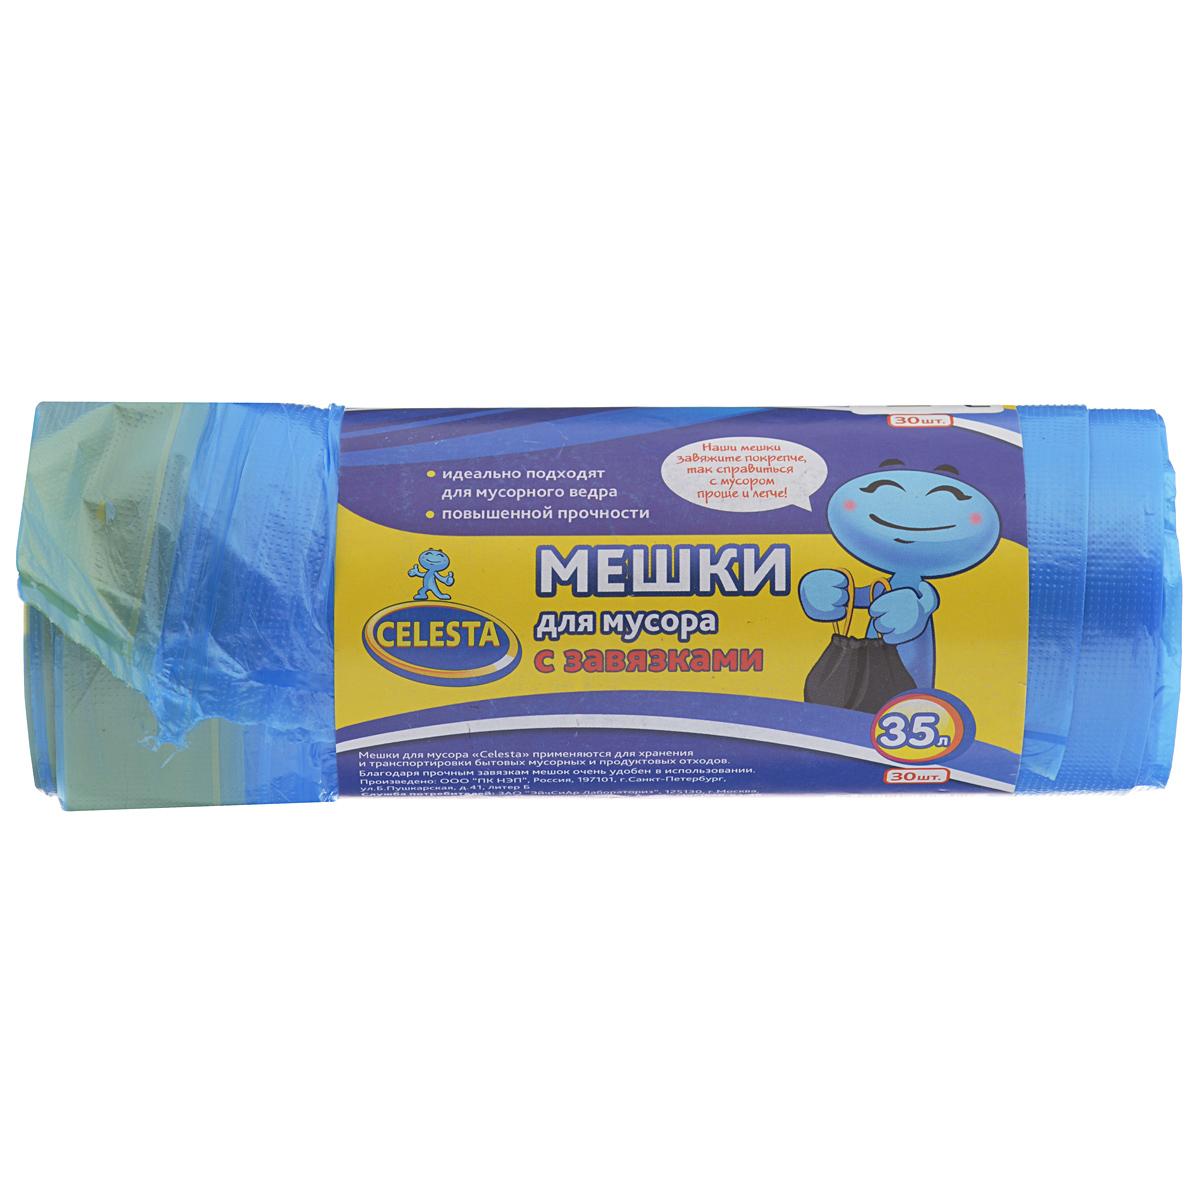 Мешки для мусора Celesta, с завязками, цвет: синий, 35 л, 30 шт702_синийМешки для мусора Celesta изготовлены из полиэтилена низкого давления. Изделия являютсяпредметами первой необходимости, служат для вывоза и утилизации скопившего мусора,помогают эффективно справляться с домашней работой. Мешки оснащены специальнымизавязками, которые позволяют изолировать неприятный запах и удобно переносить пакет.В комплекте 30 пакетов. Объем пакета: 35 л.